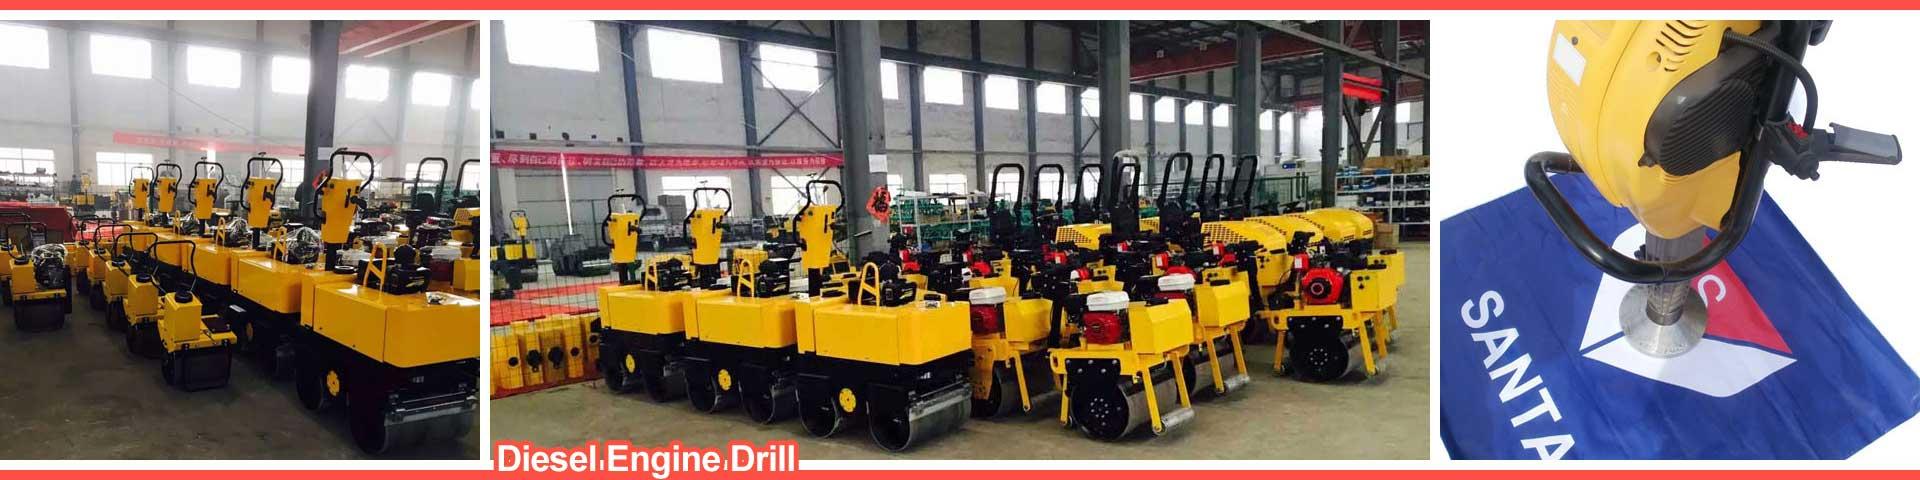 Diesel engine drill